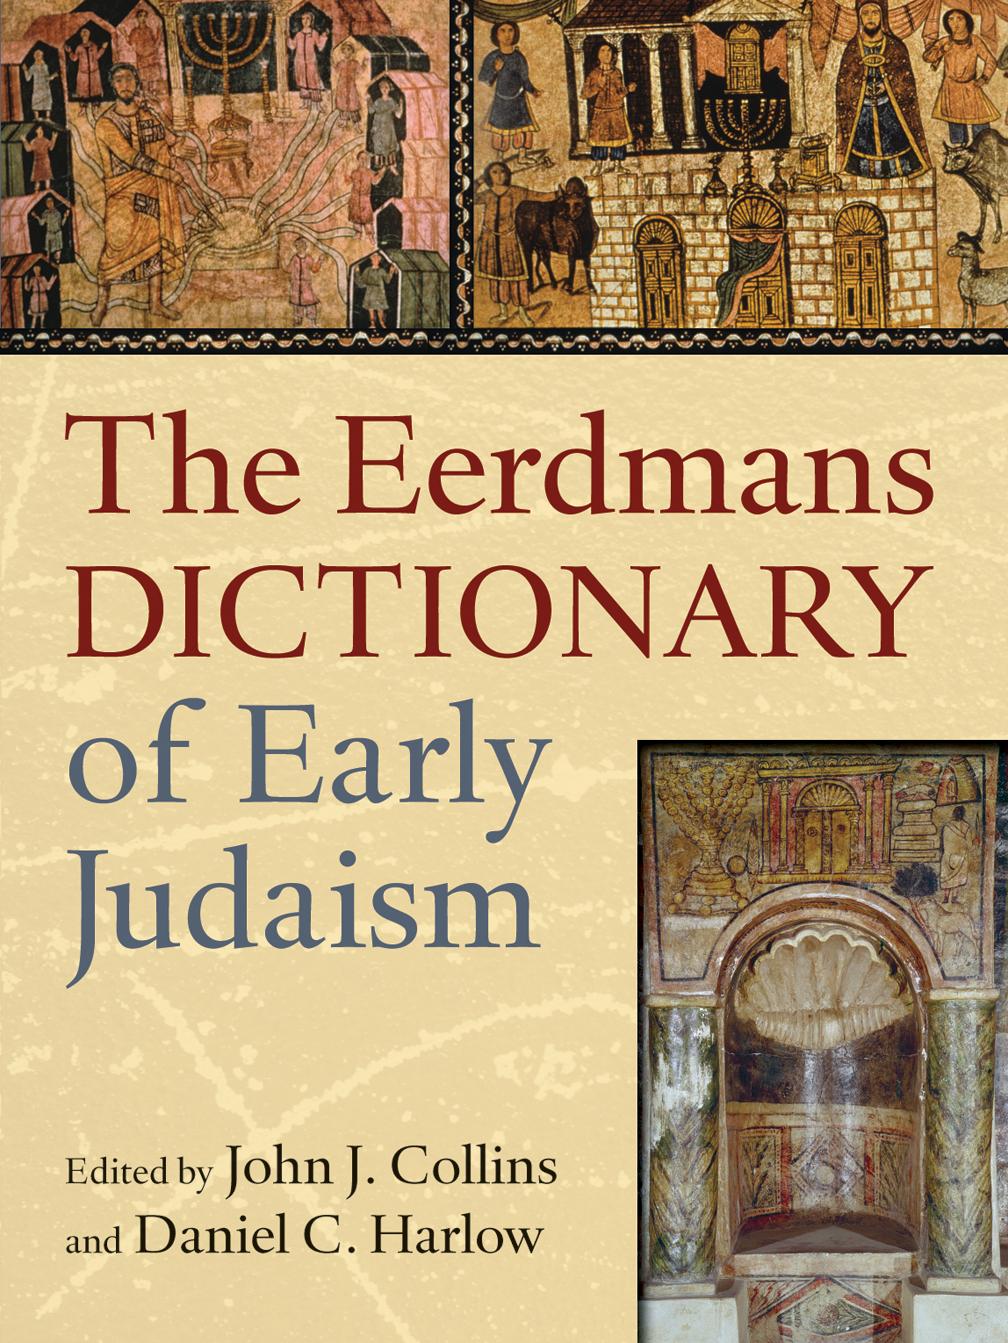 The eerdmans dictionary of early judaism john j collins daniel c the eerdmans dictionary of early judaism john j collins daniel c harlow eerdmans fandeluxe Gallery